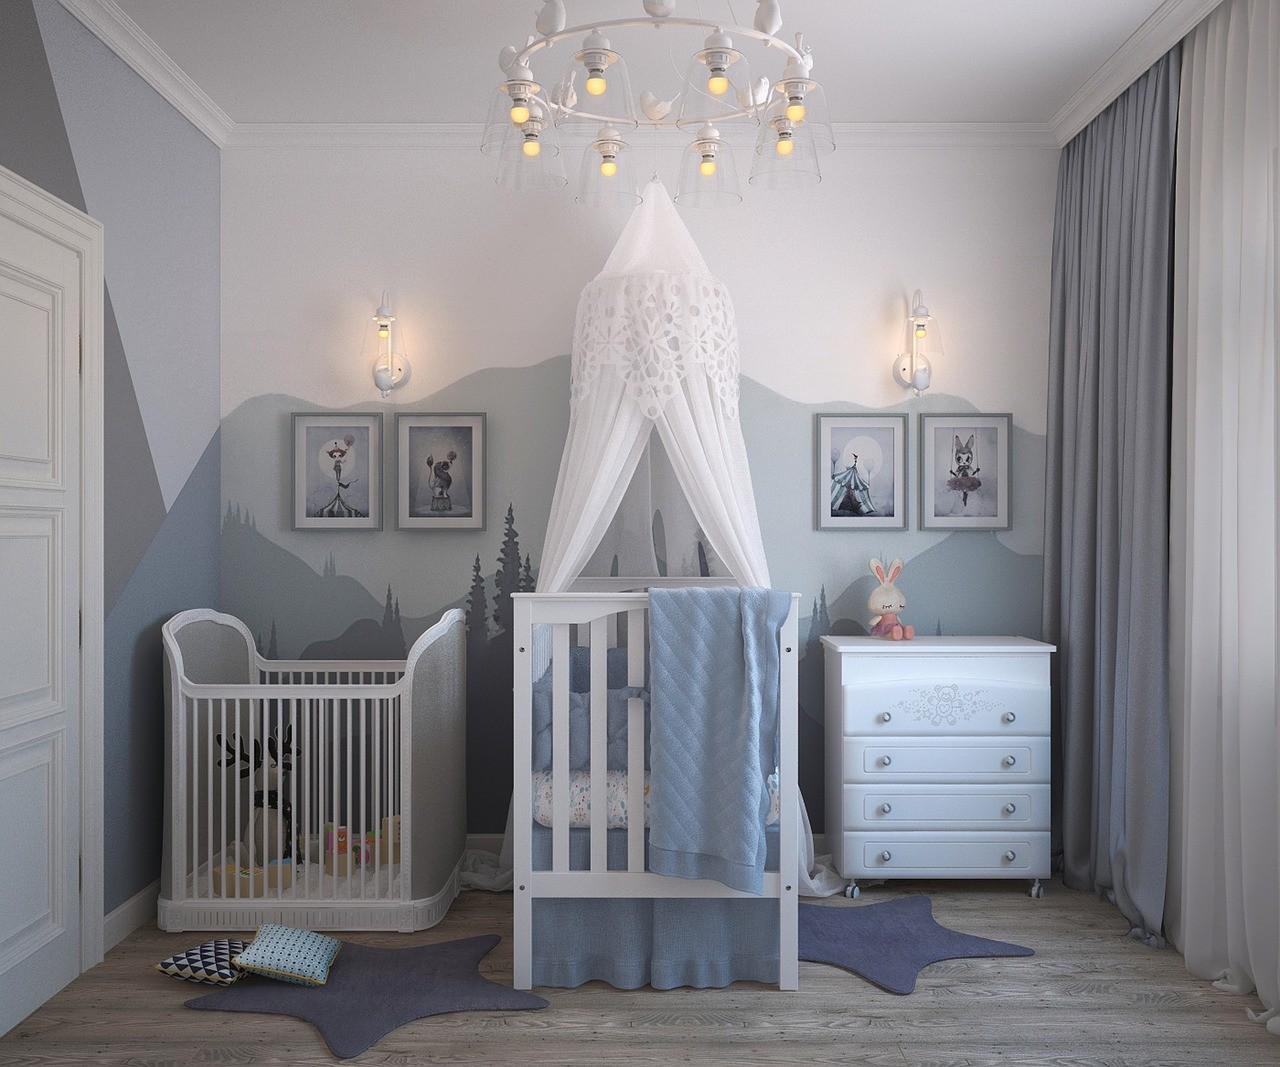 11 Tendencias De Decoracion En Habitaciones De Bebes Que Te Enamoraran